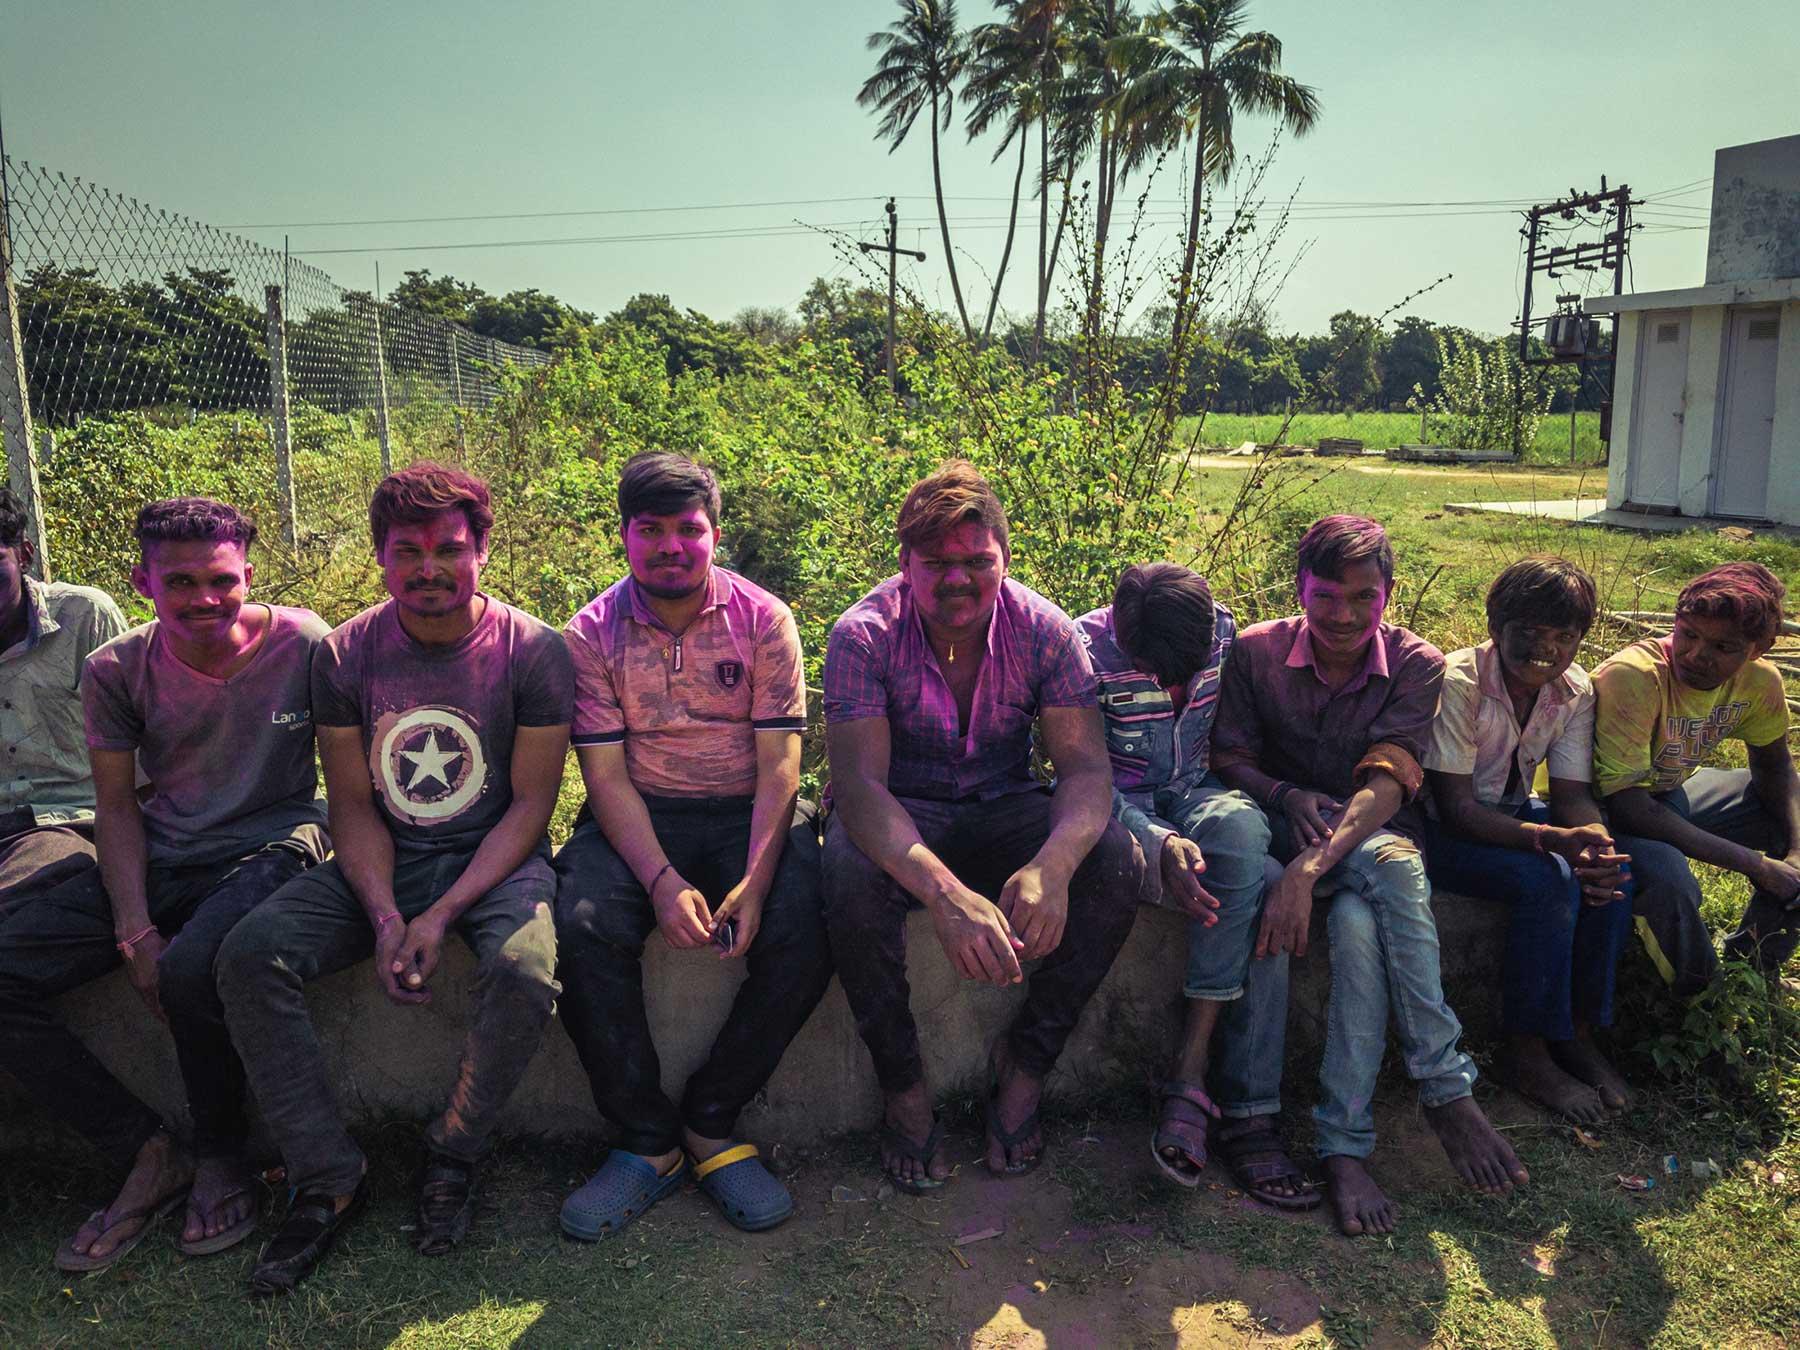 Un domaine familial inspirant en agriculture naturelle dans les environs d'Ahmedabad au Gujarat au nord-ouest de l'Inde